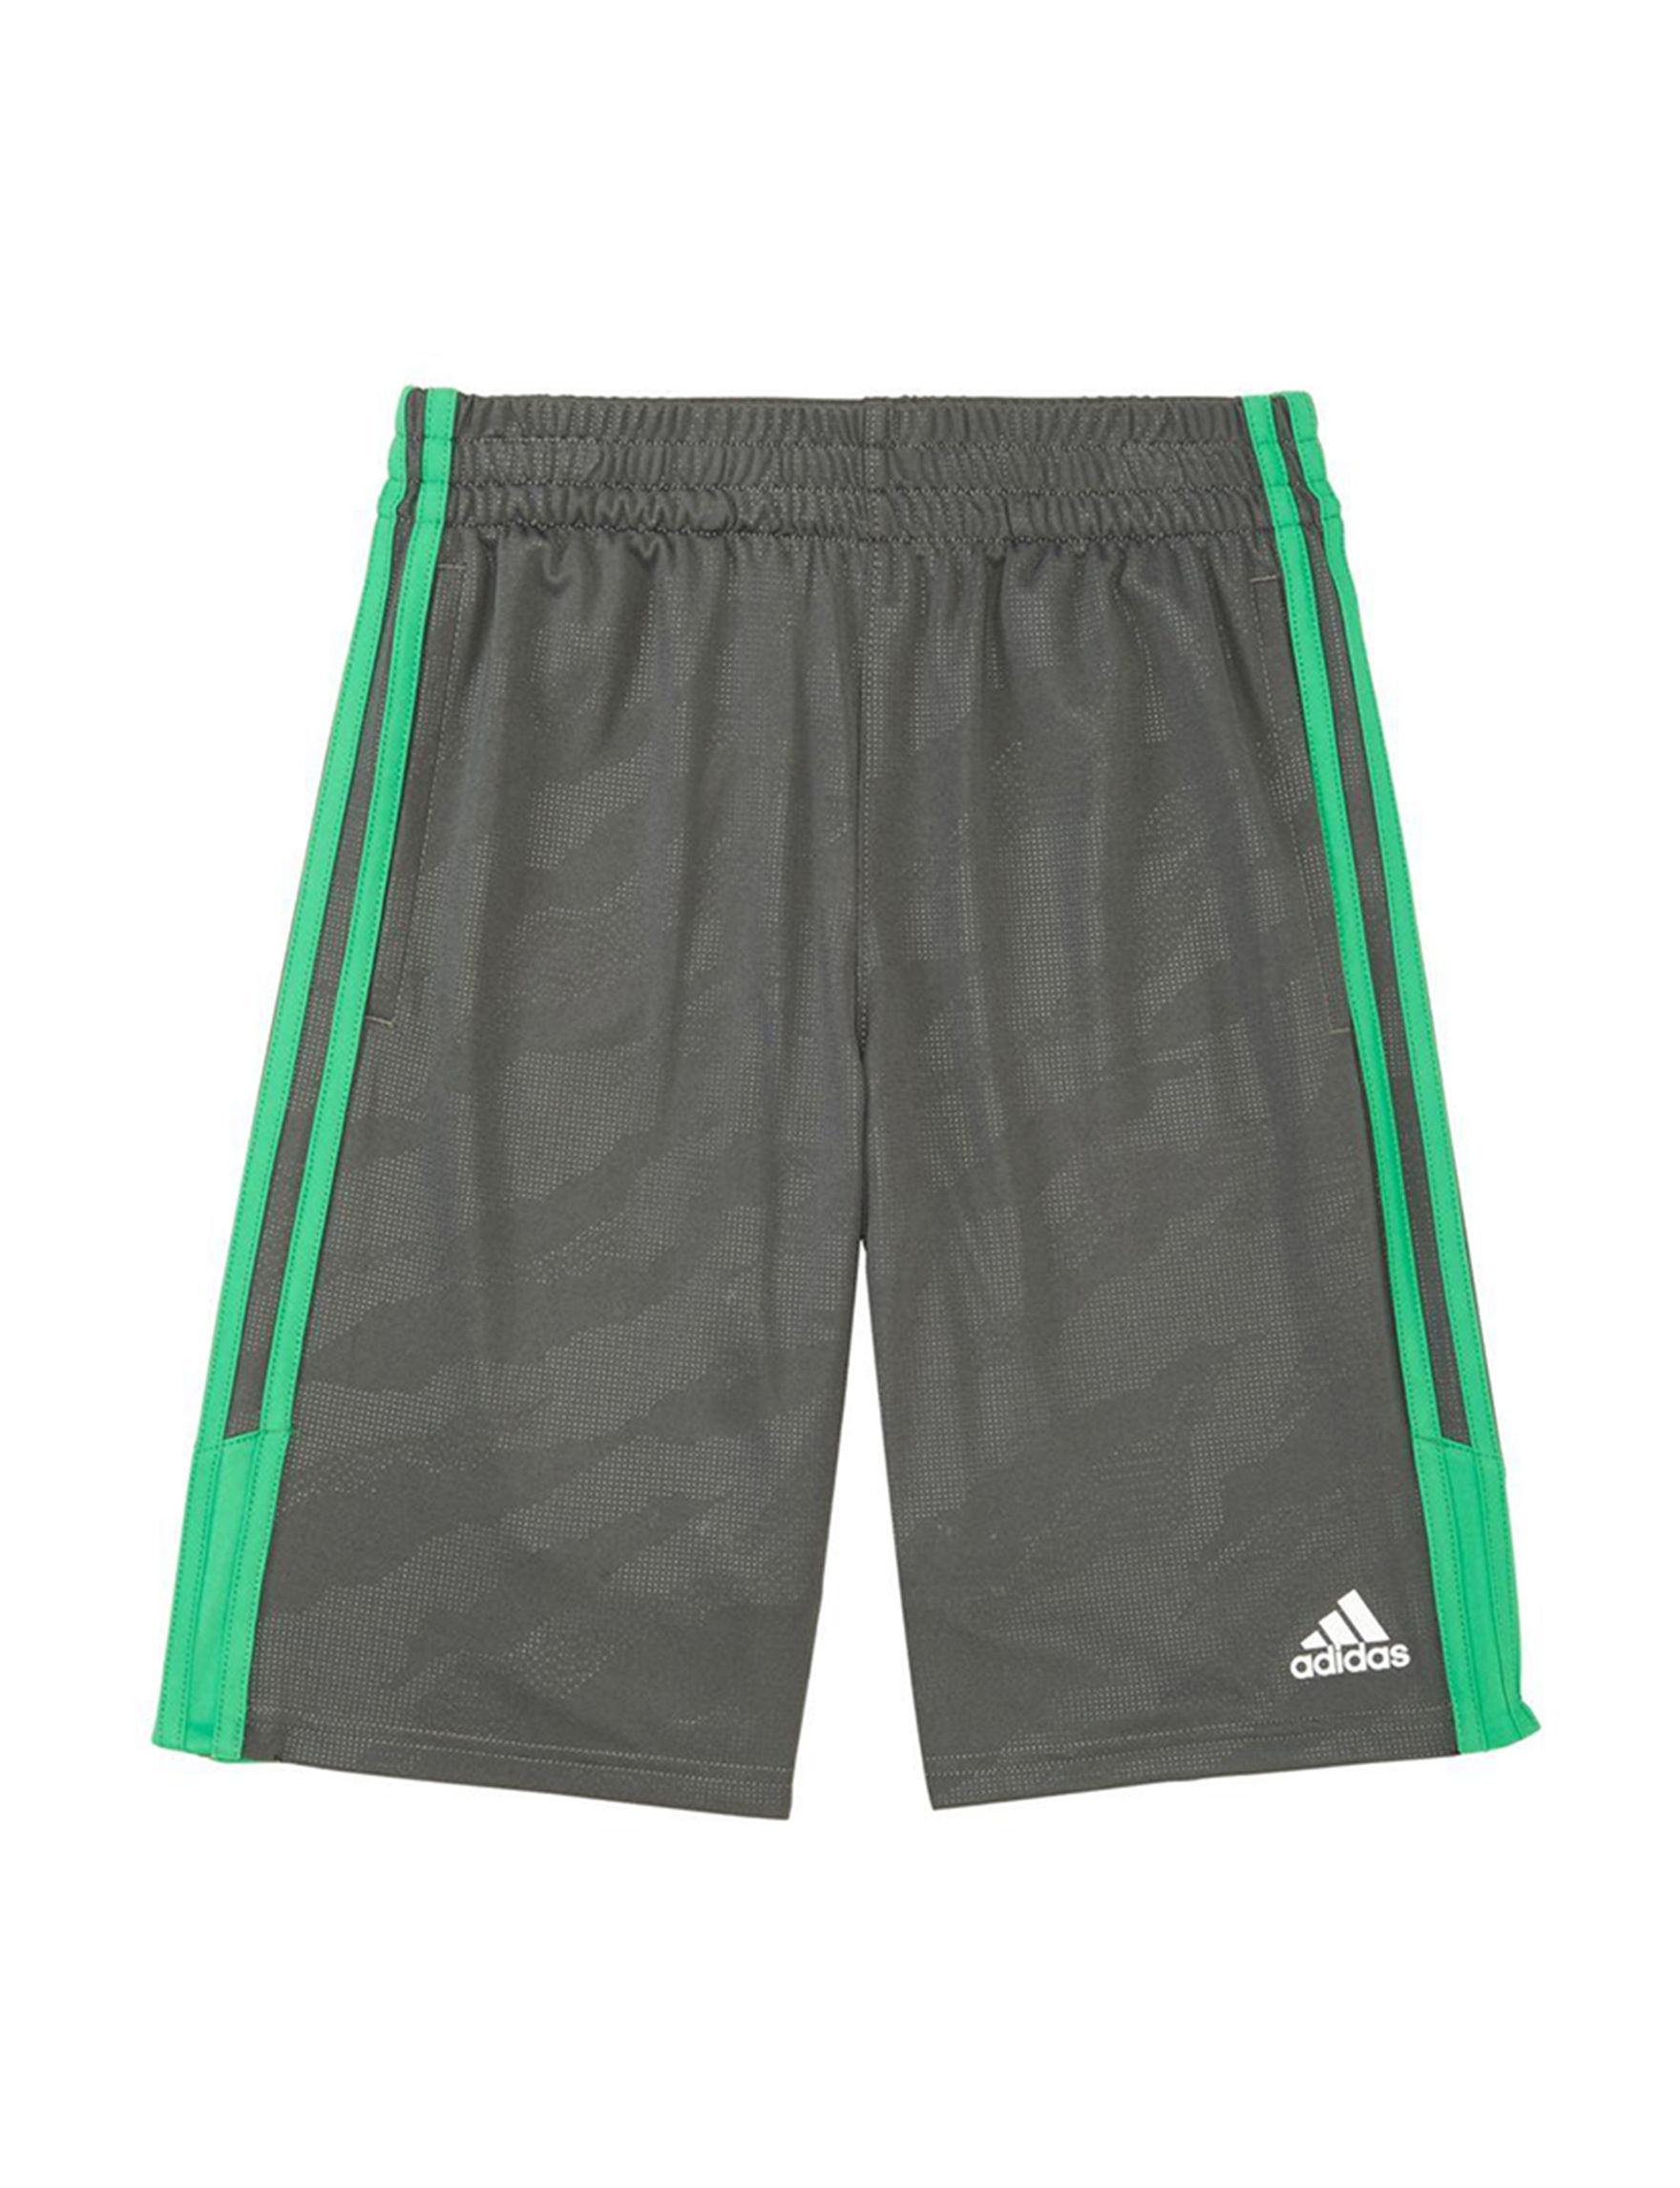 Adidas Dark Grey Soft Shorts